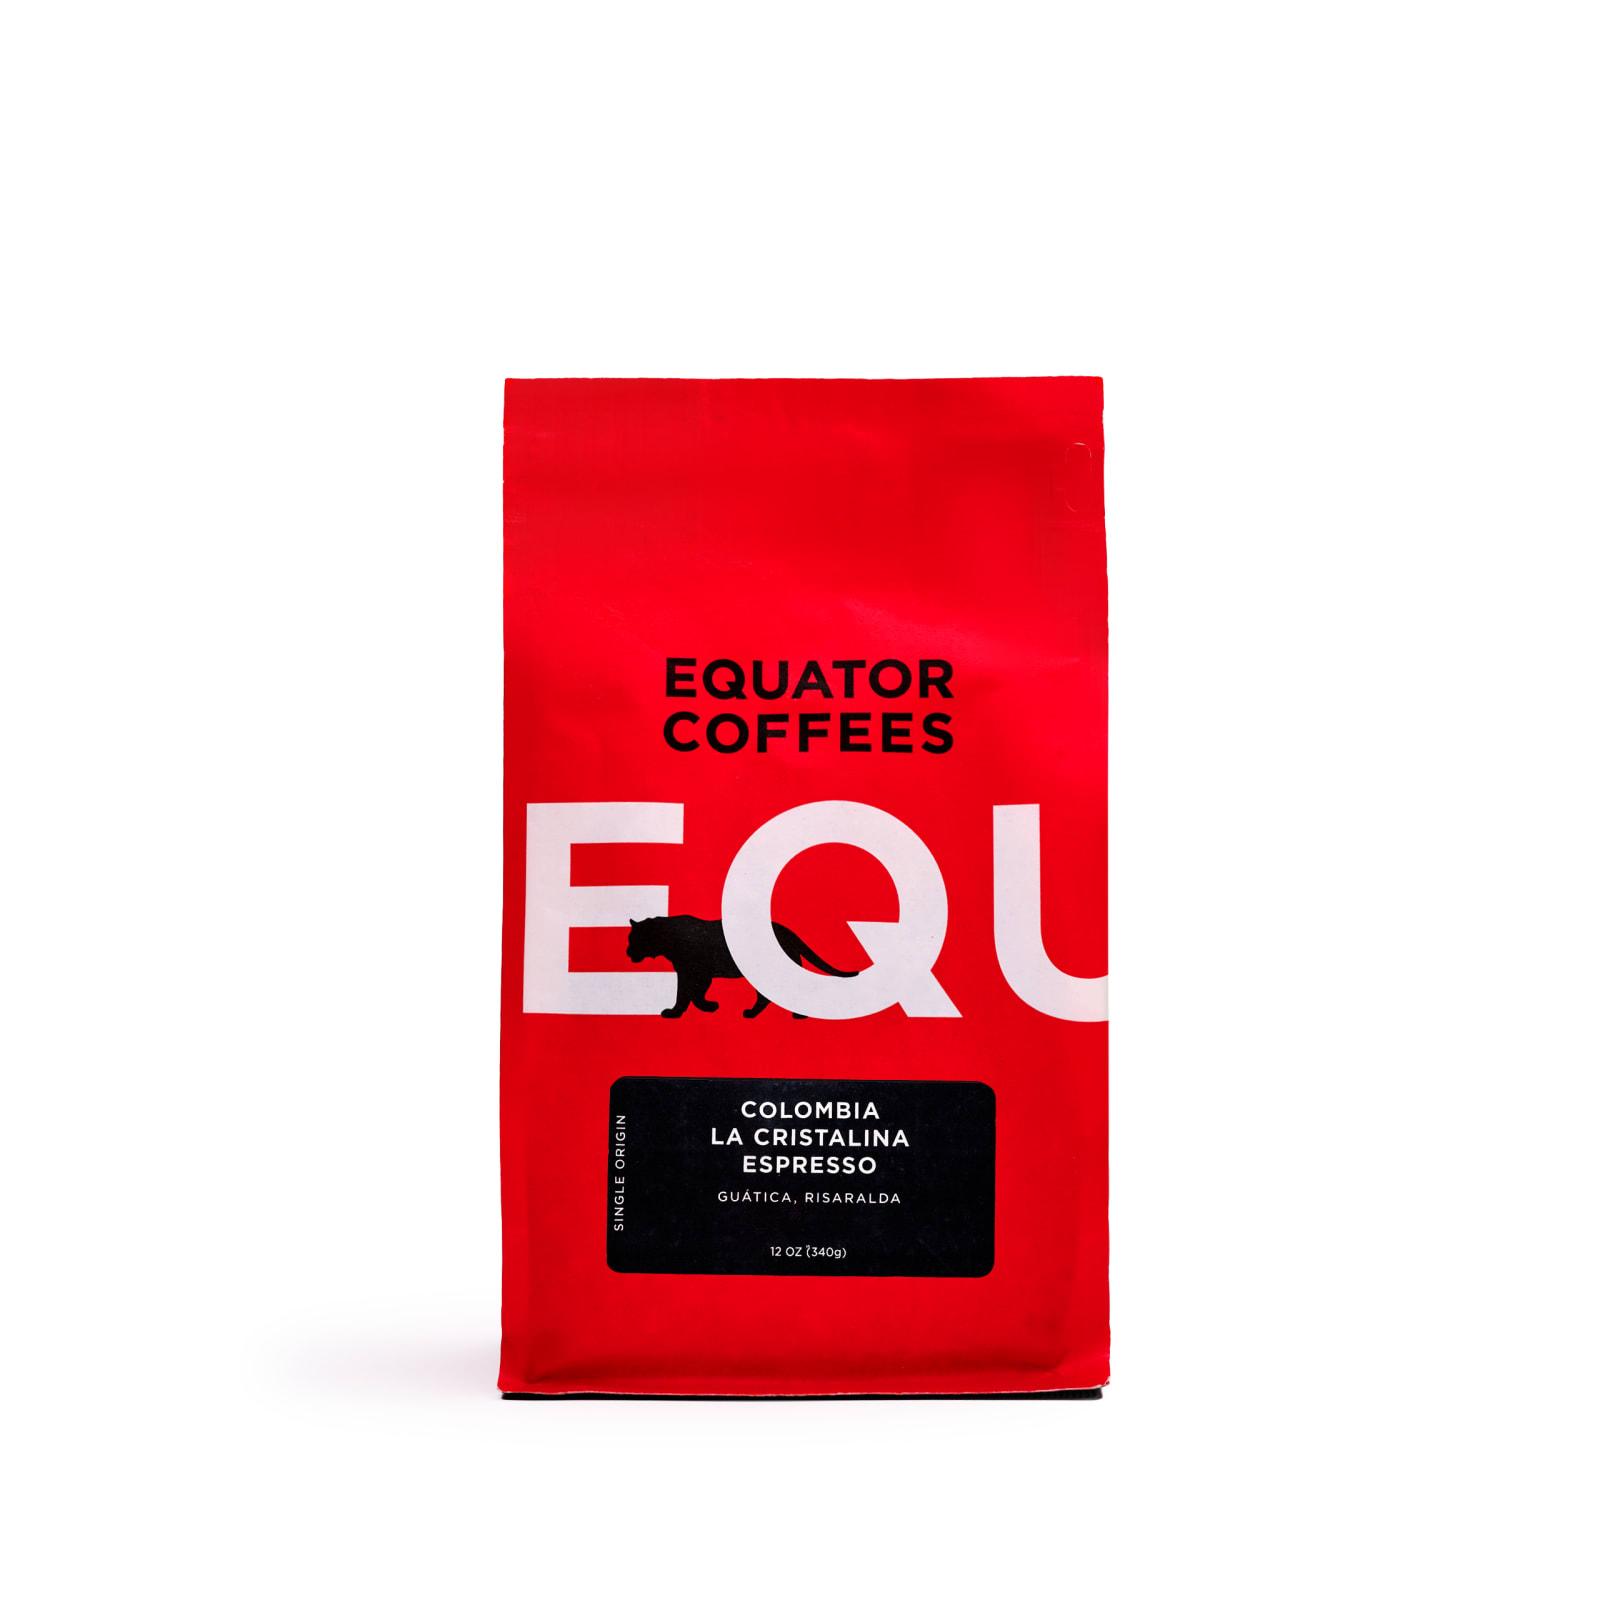 Colombia La Cristalina Single-Origin Espresso